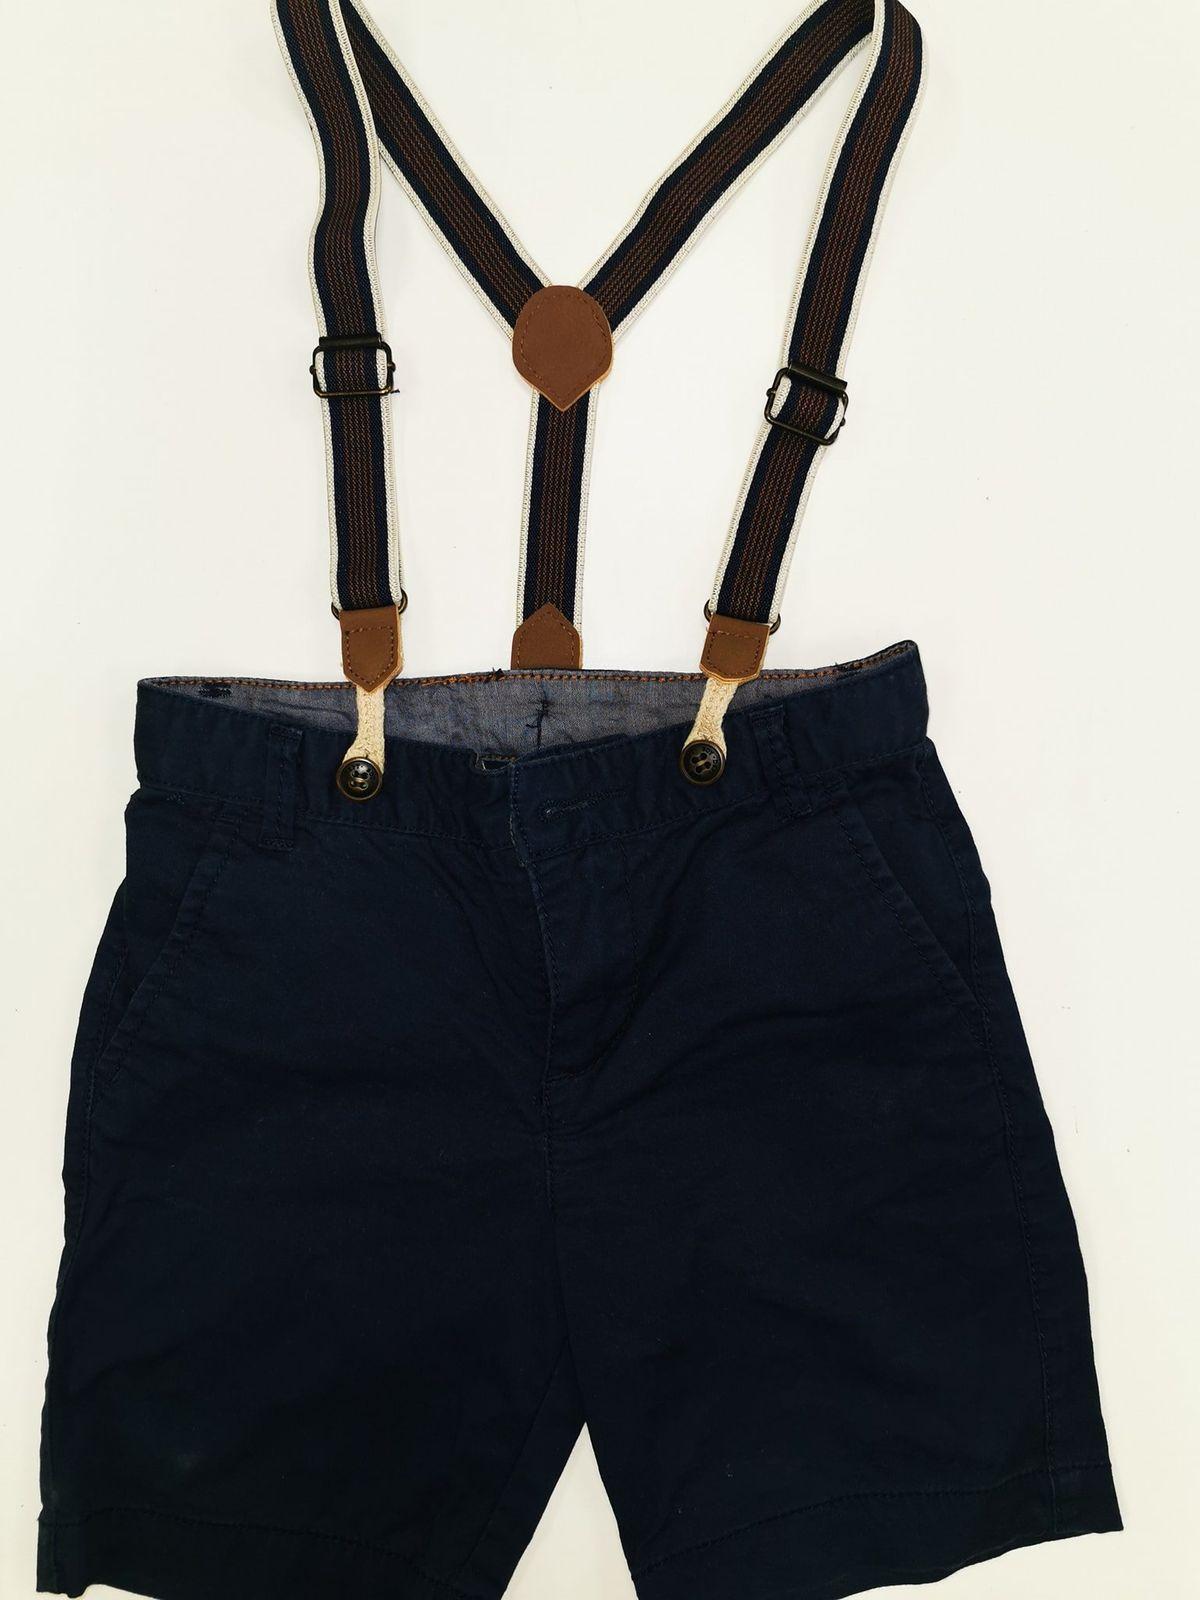 Pantaloncino corto con bretelle 2/3 anni € 8.90 10523